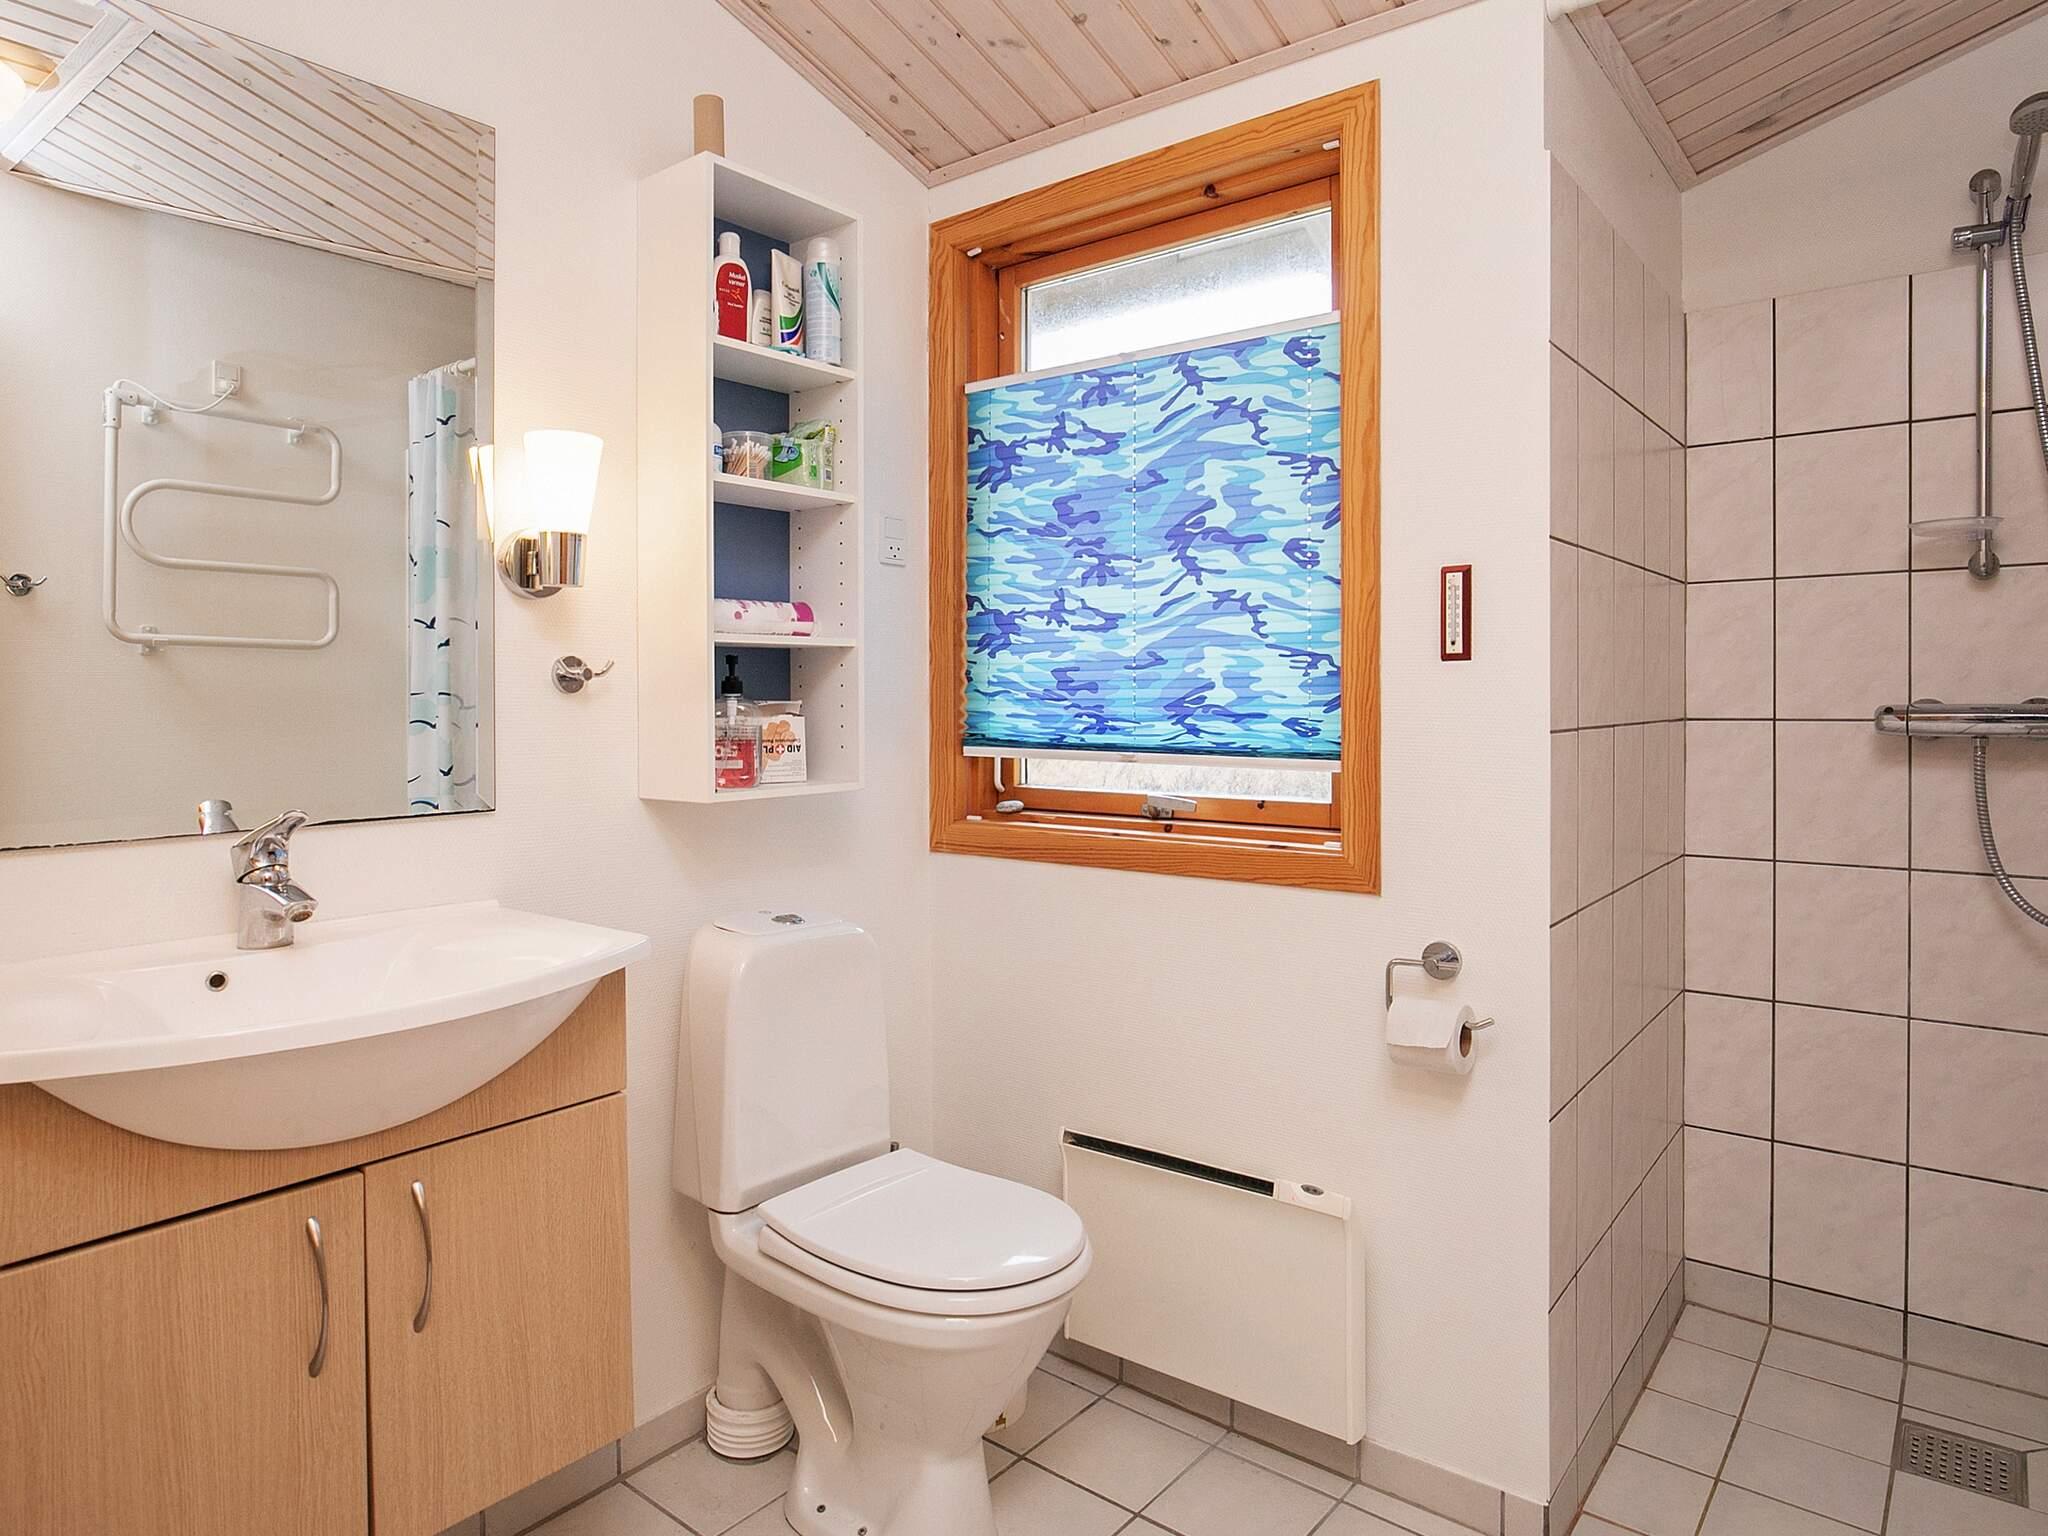 Ferienhaus Kjul Strand (2595175), Hirtshals, , Nordwestjütland, Dänemark, Bild 9